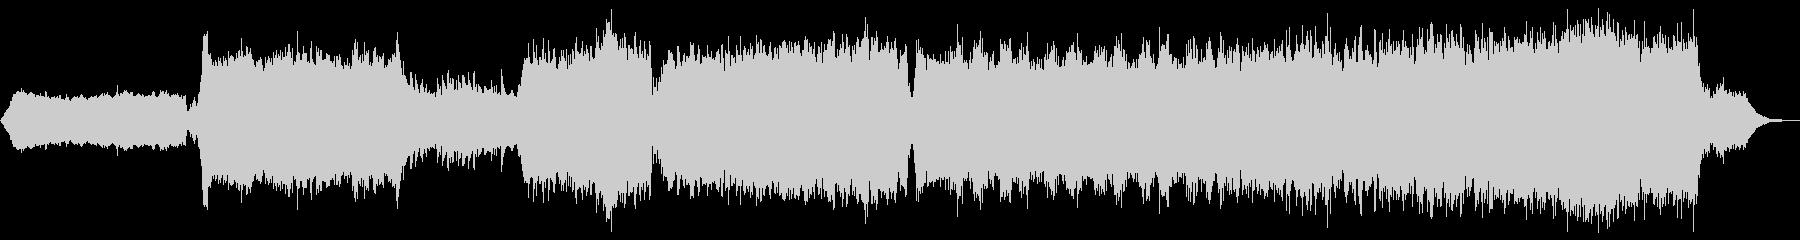 5組曲的アンビエント作品 ピアノ シンセの未再生の波形